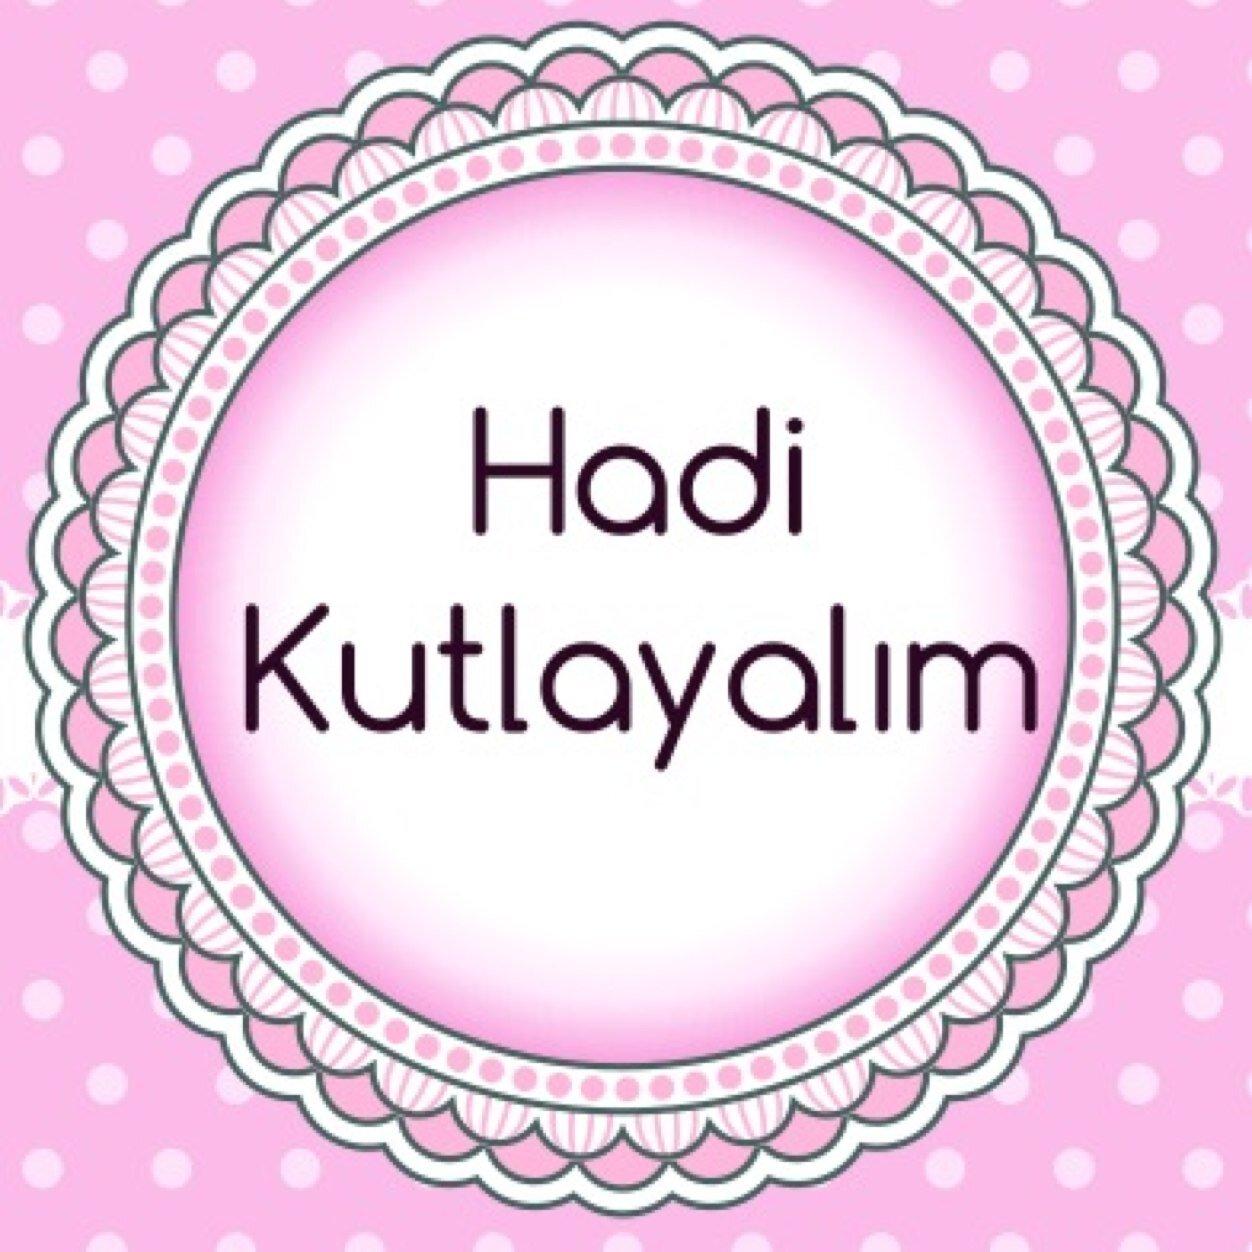 hadi-kutlayalim-logo